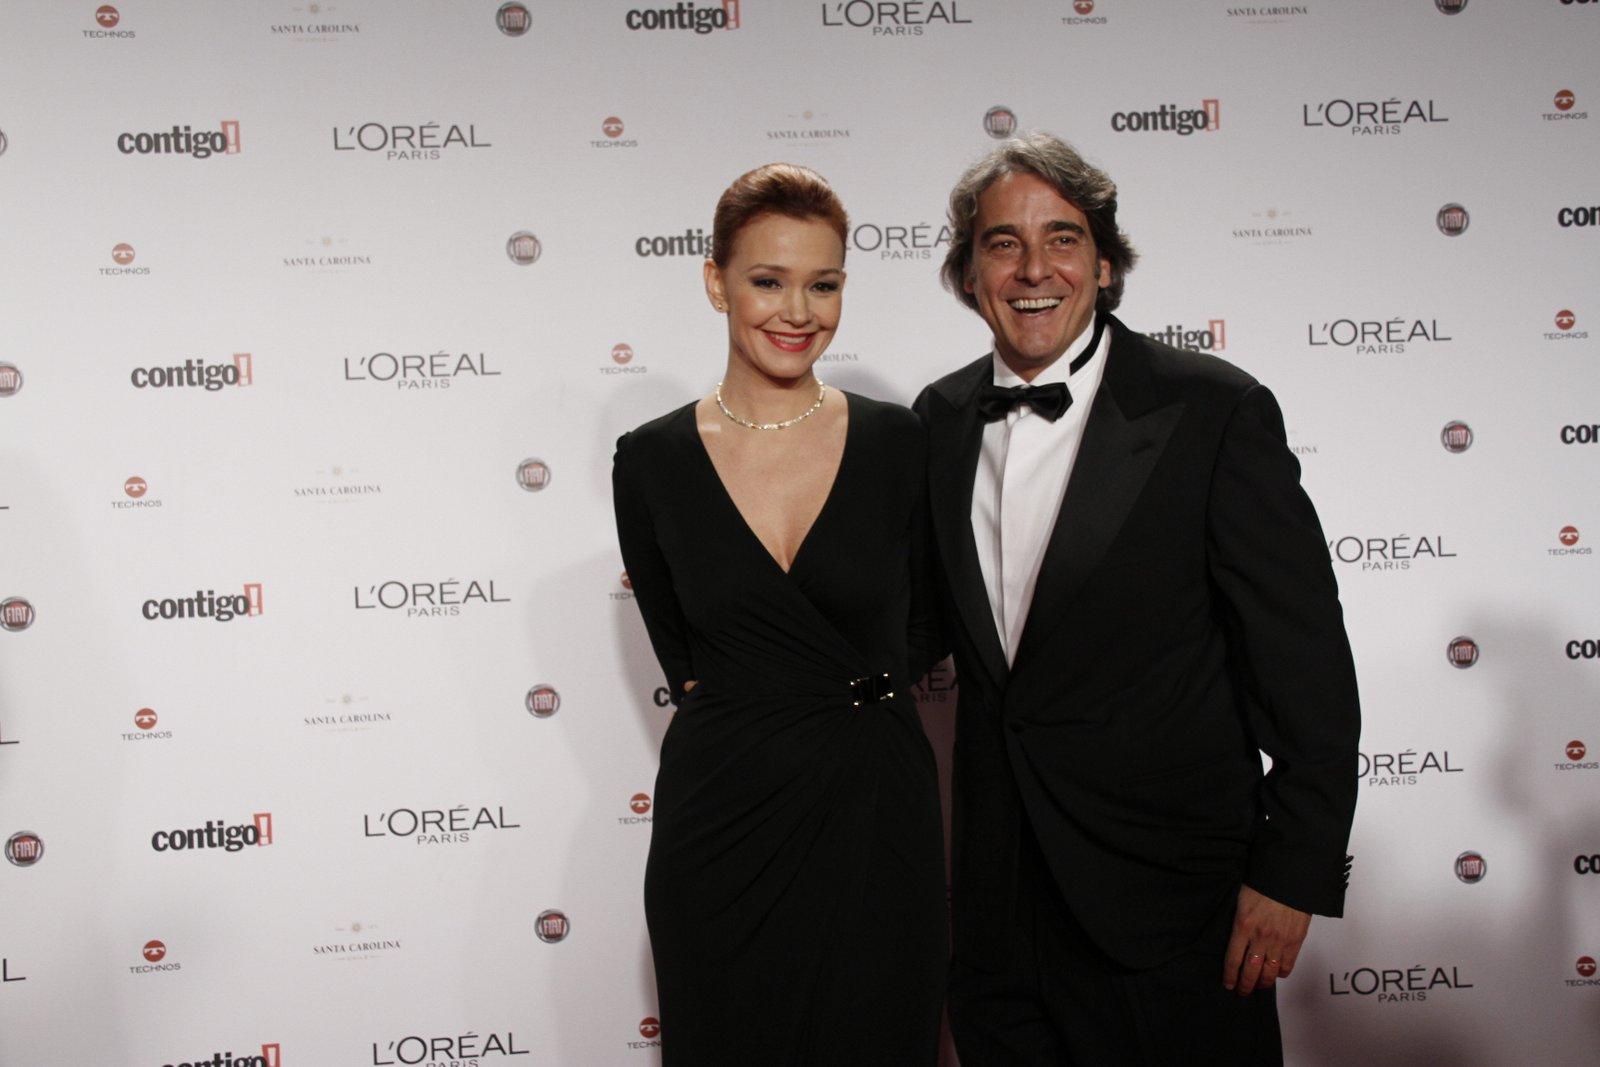 O casal Júlia Lemmertz e Alexandre Borges prestigiou a 14ª edição do Prêmio Contigo! de TV, que aconteceu na noite desta segunda-feira, 14, no Hotel Copacabana Palace, em Copacabana, na Zona Sul do Rio